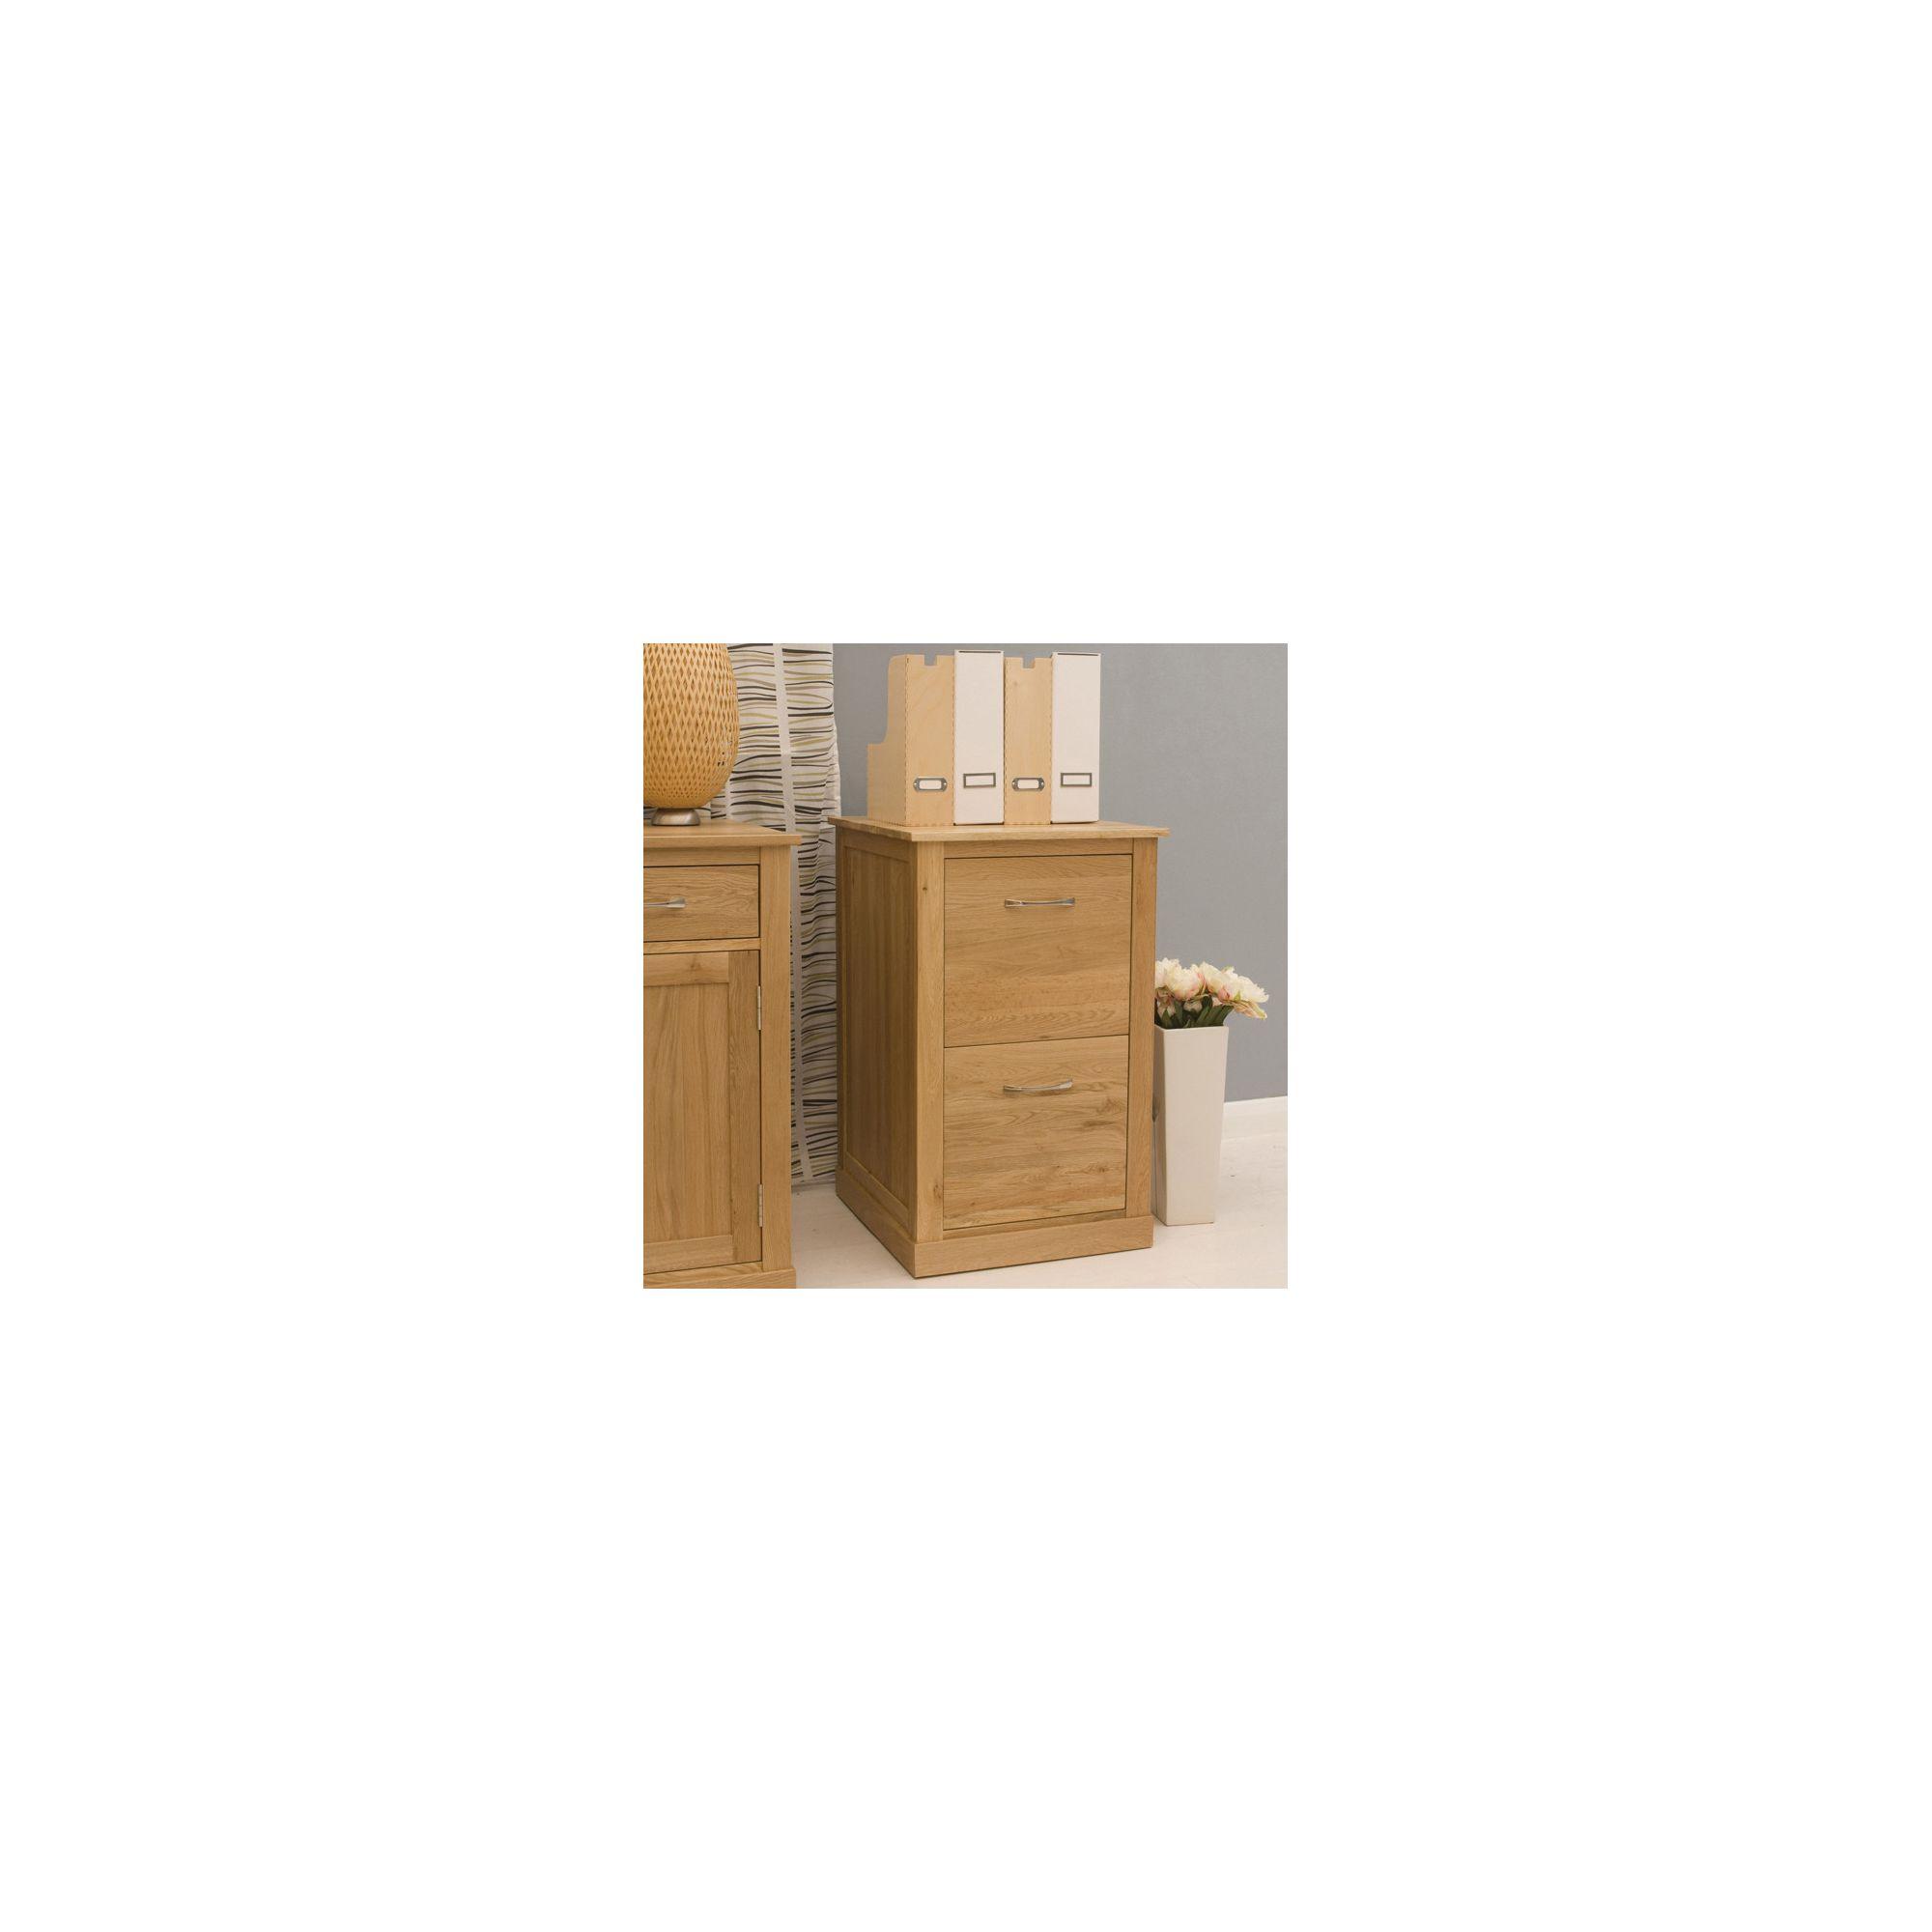 Baumhaus Mobel Oak 2 Drawer Filing Cabinet at Tescos Direct